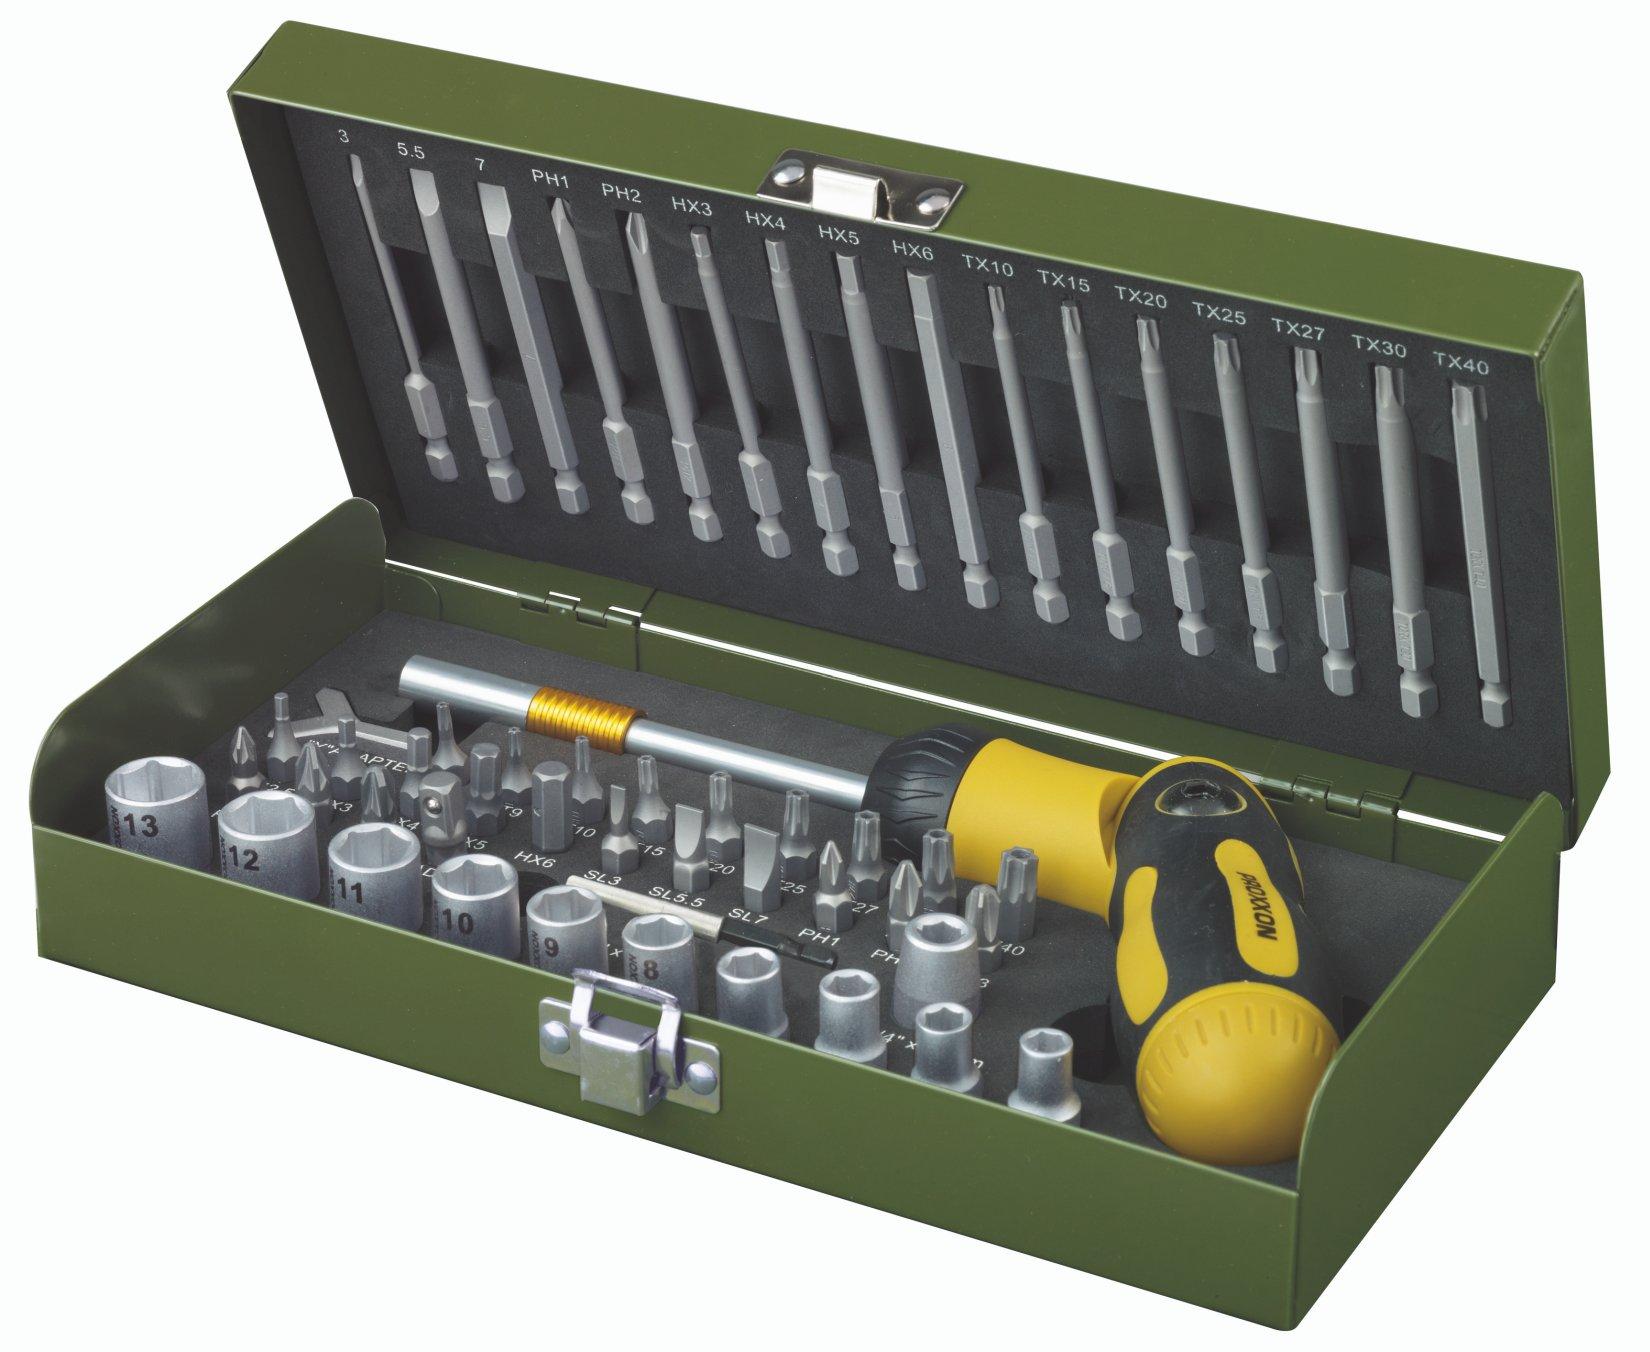 PROXXON Schroevendraaier set met ratelschroevendraaier met instelbare hoek en magneethouder, 54-delig